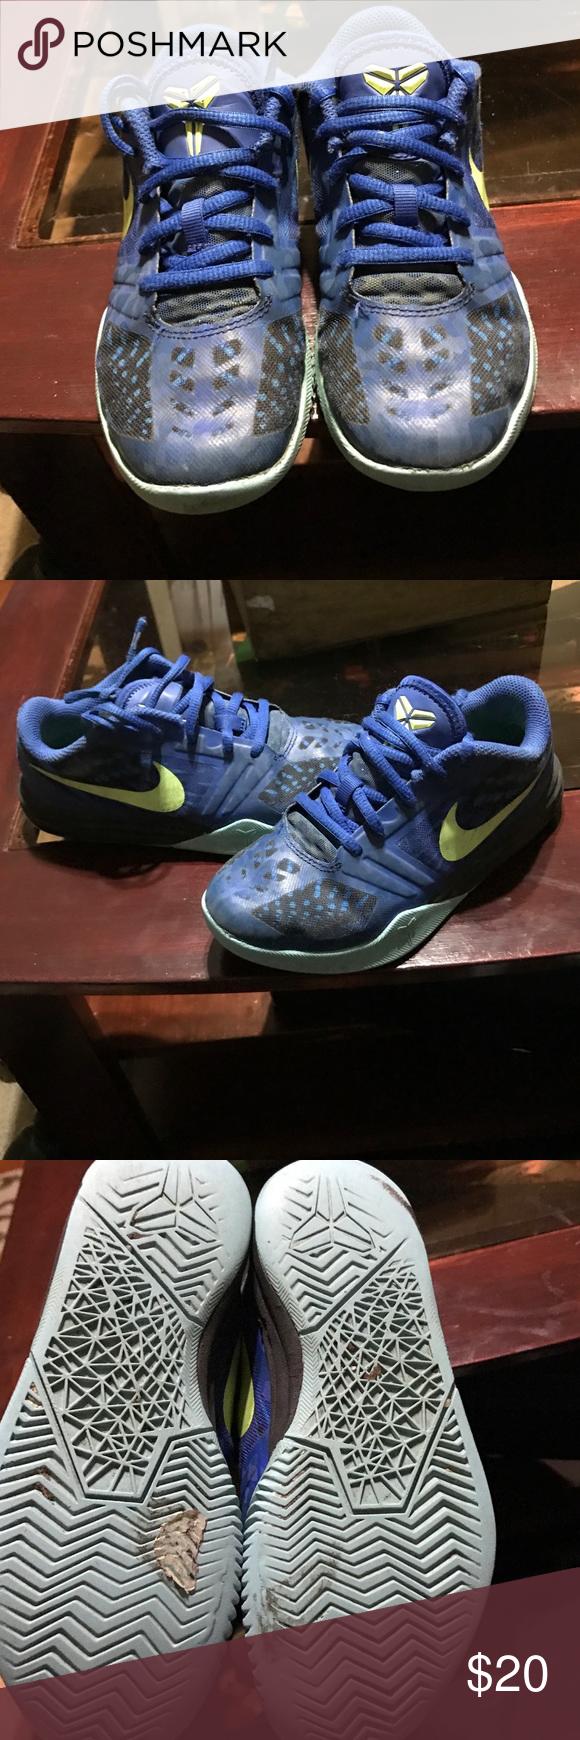 Kids kobes   Nike shoes, Sport shoes, Nike